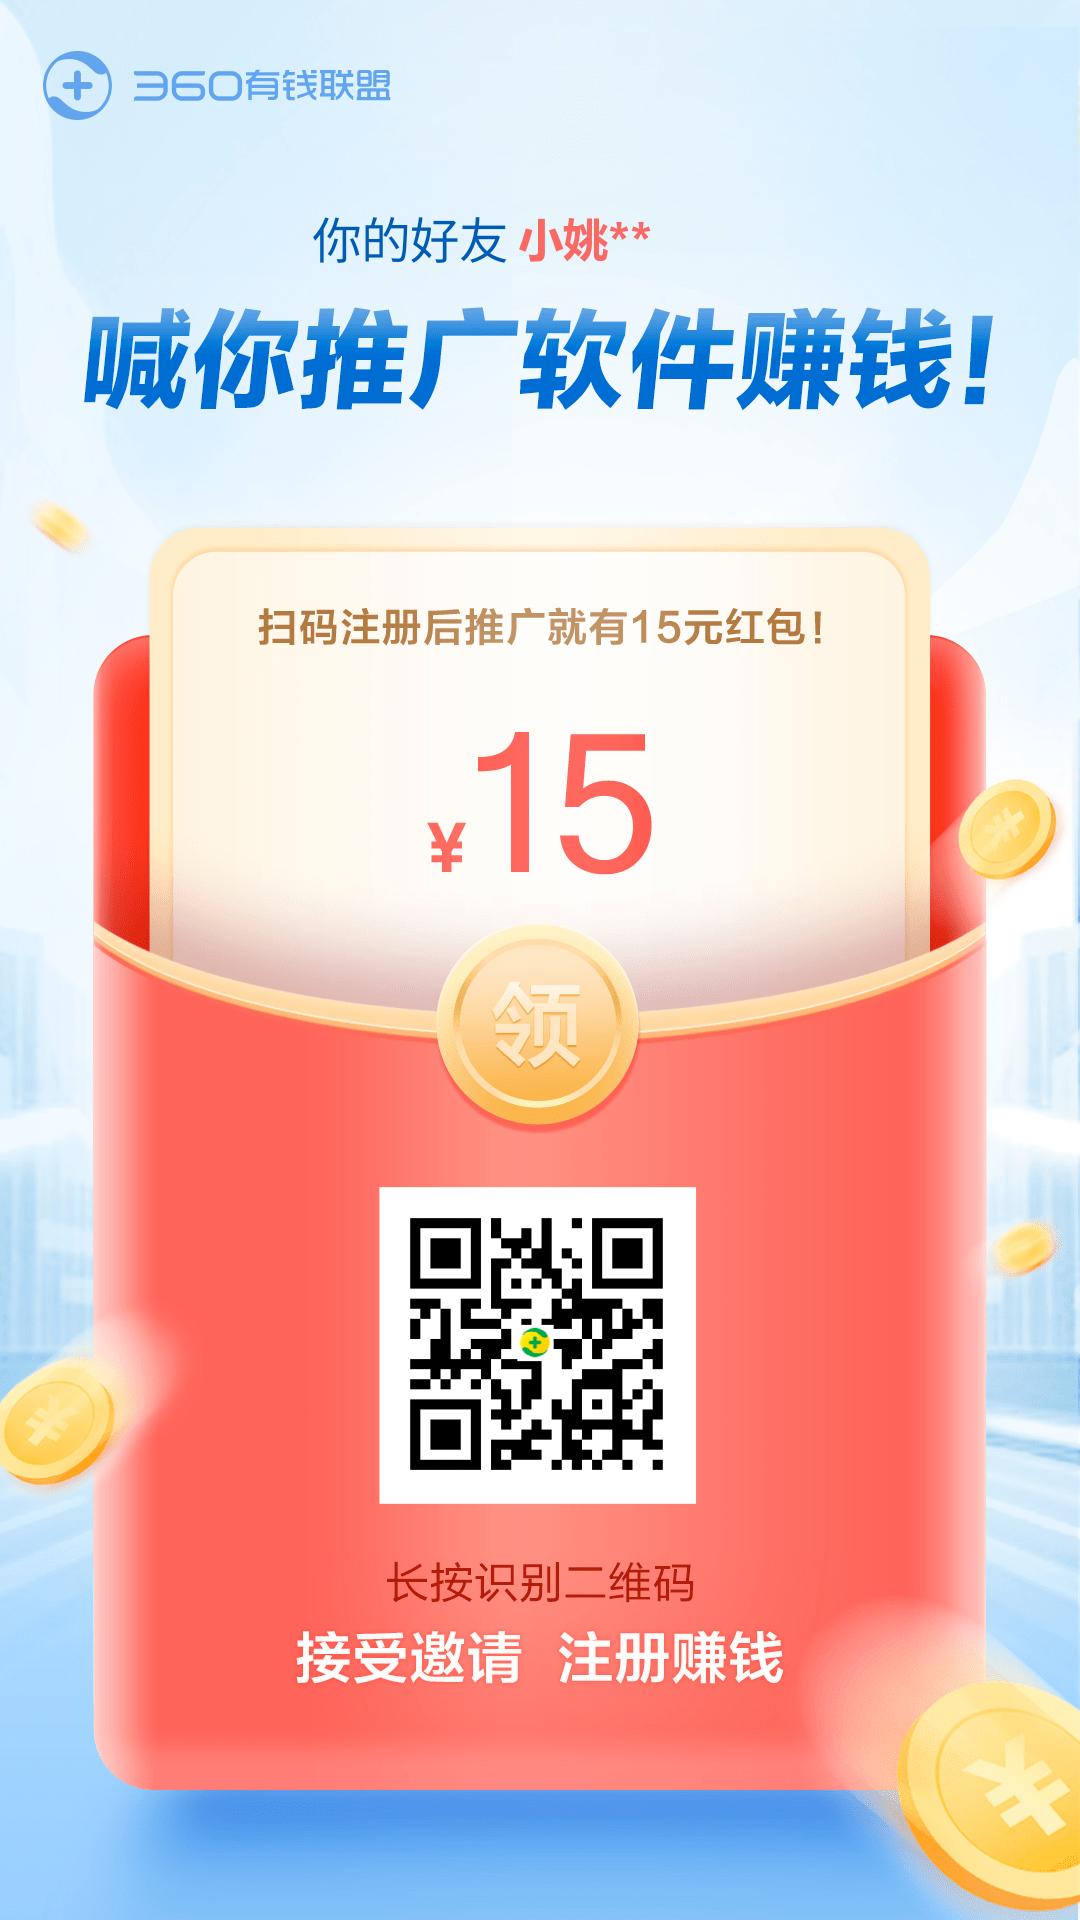 小姚喊你推广360软件赚钱啦-小姚工作室